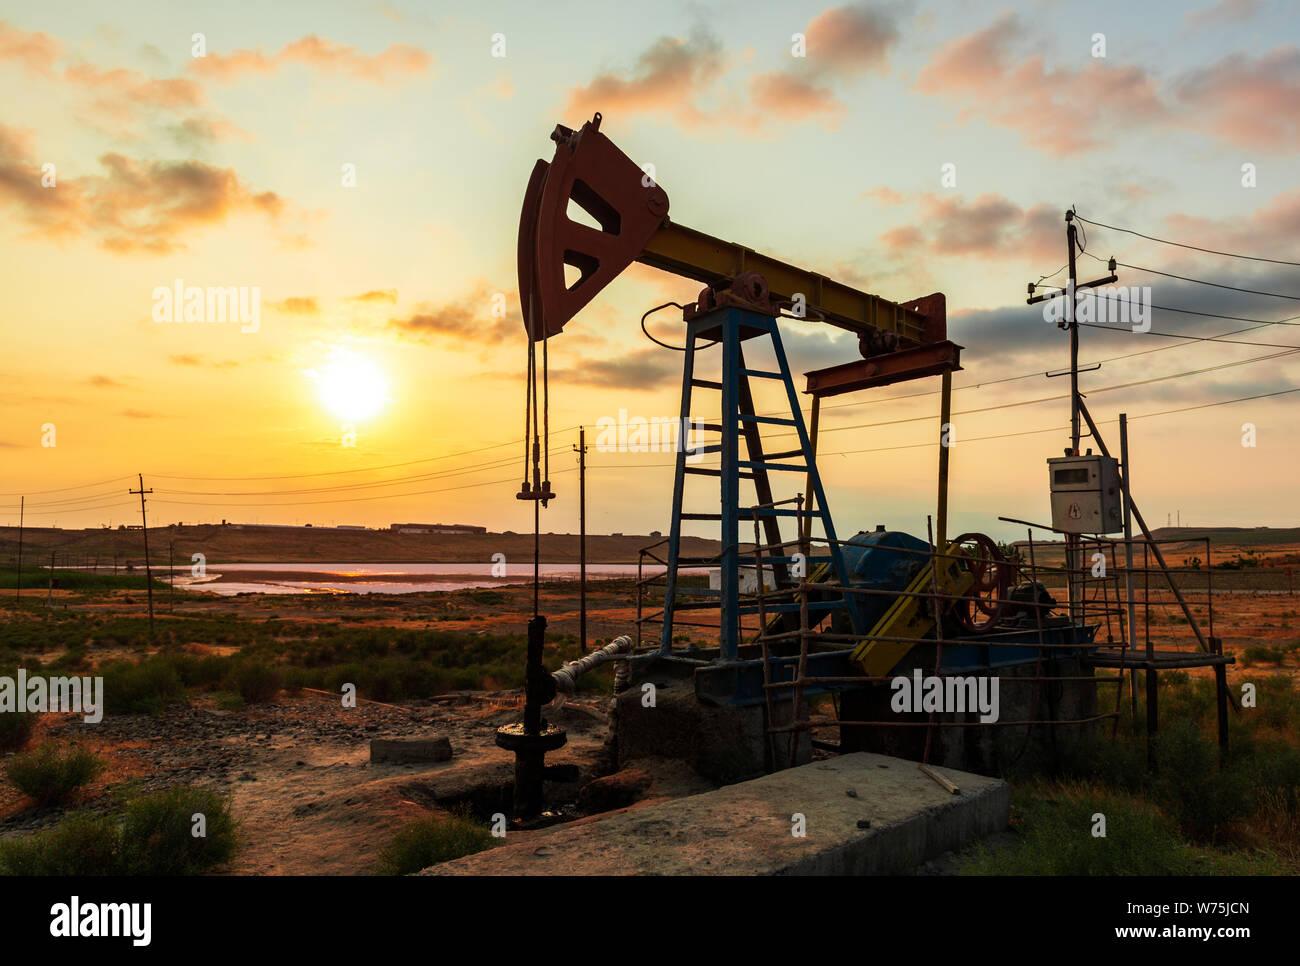 Oil Rig bomba contra un colorido atardecer cielo Foto de stock